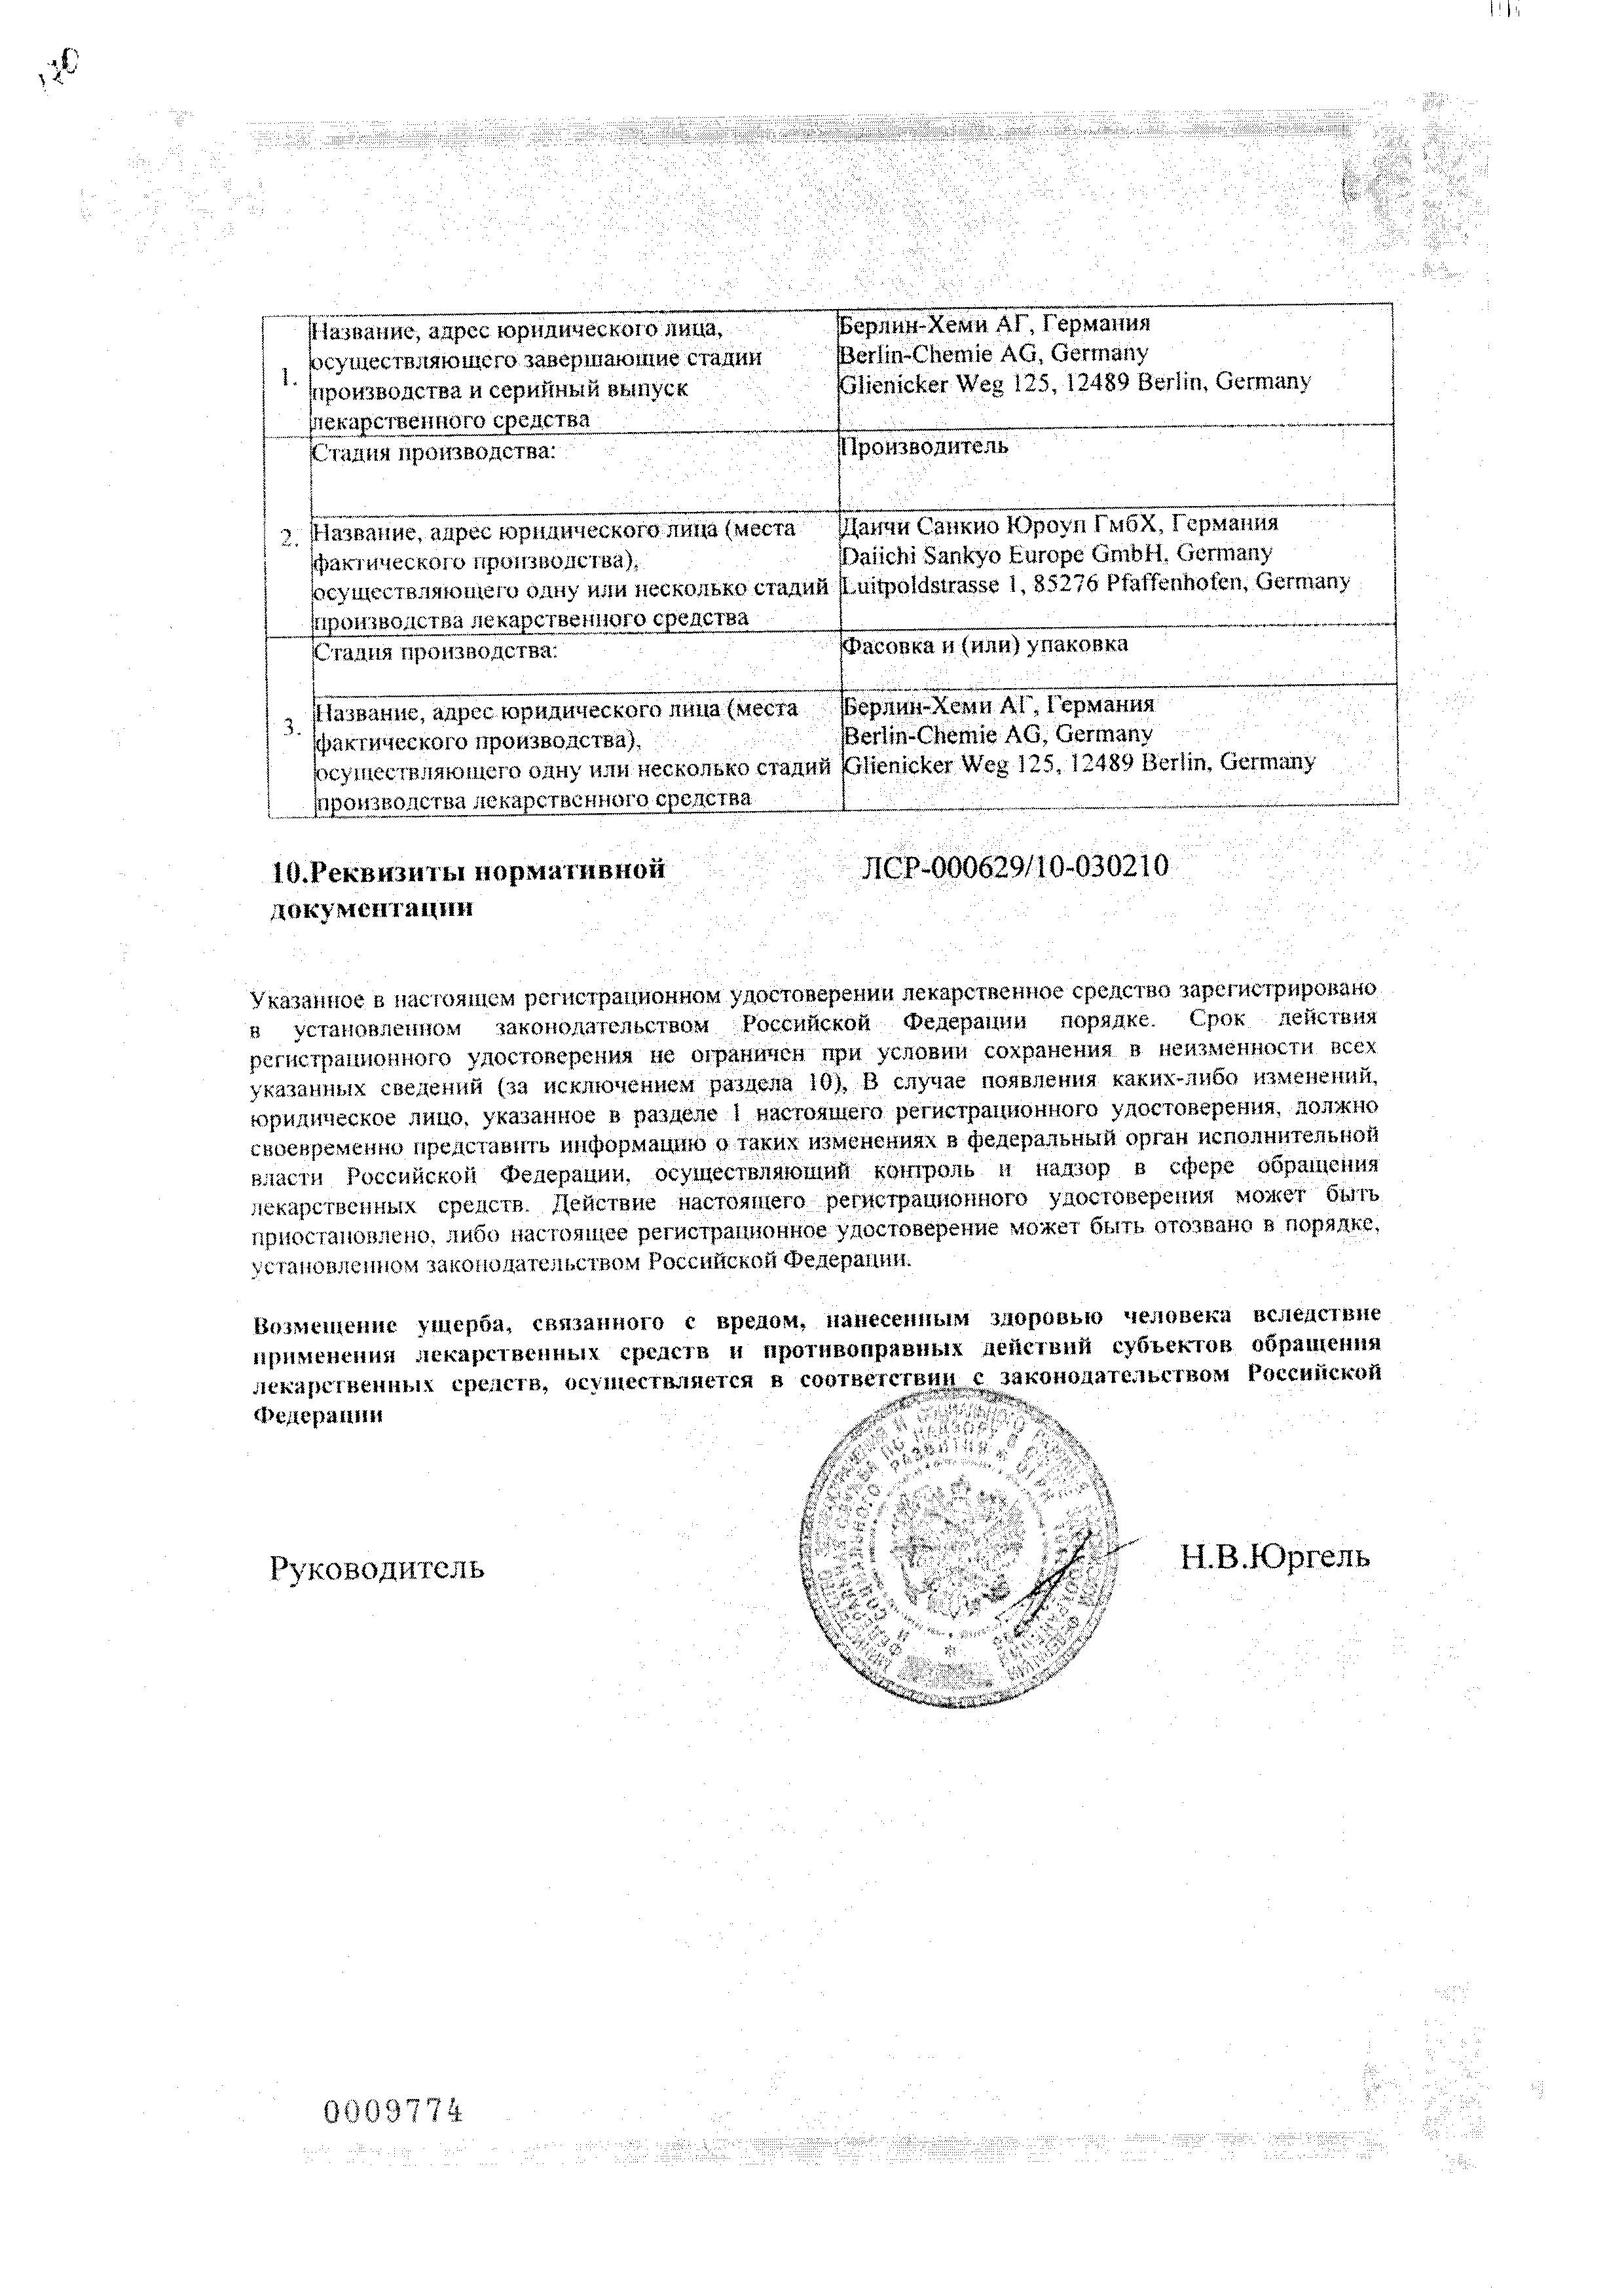 Кардосал 40 сертификат